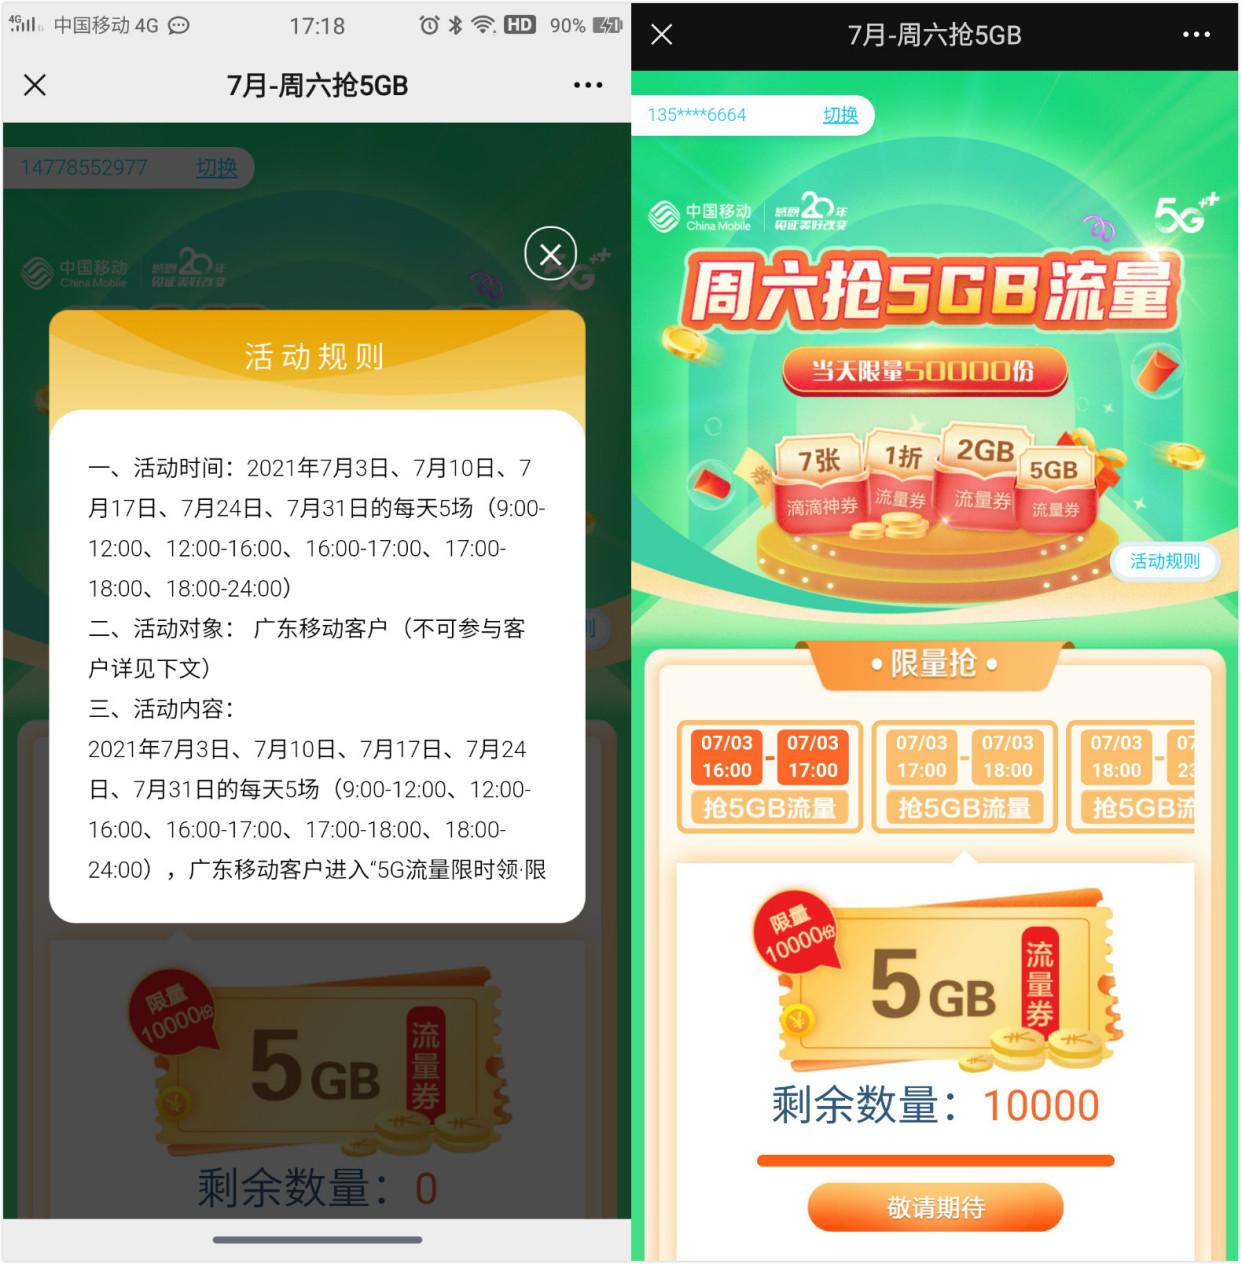 广东移动抢5G流量每个时辰整点去抢必得!